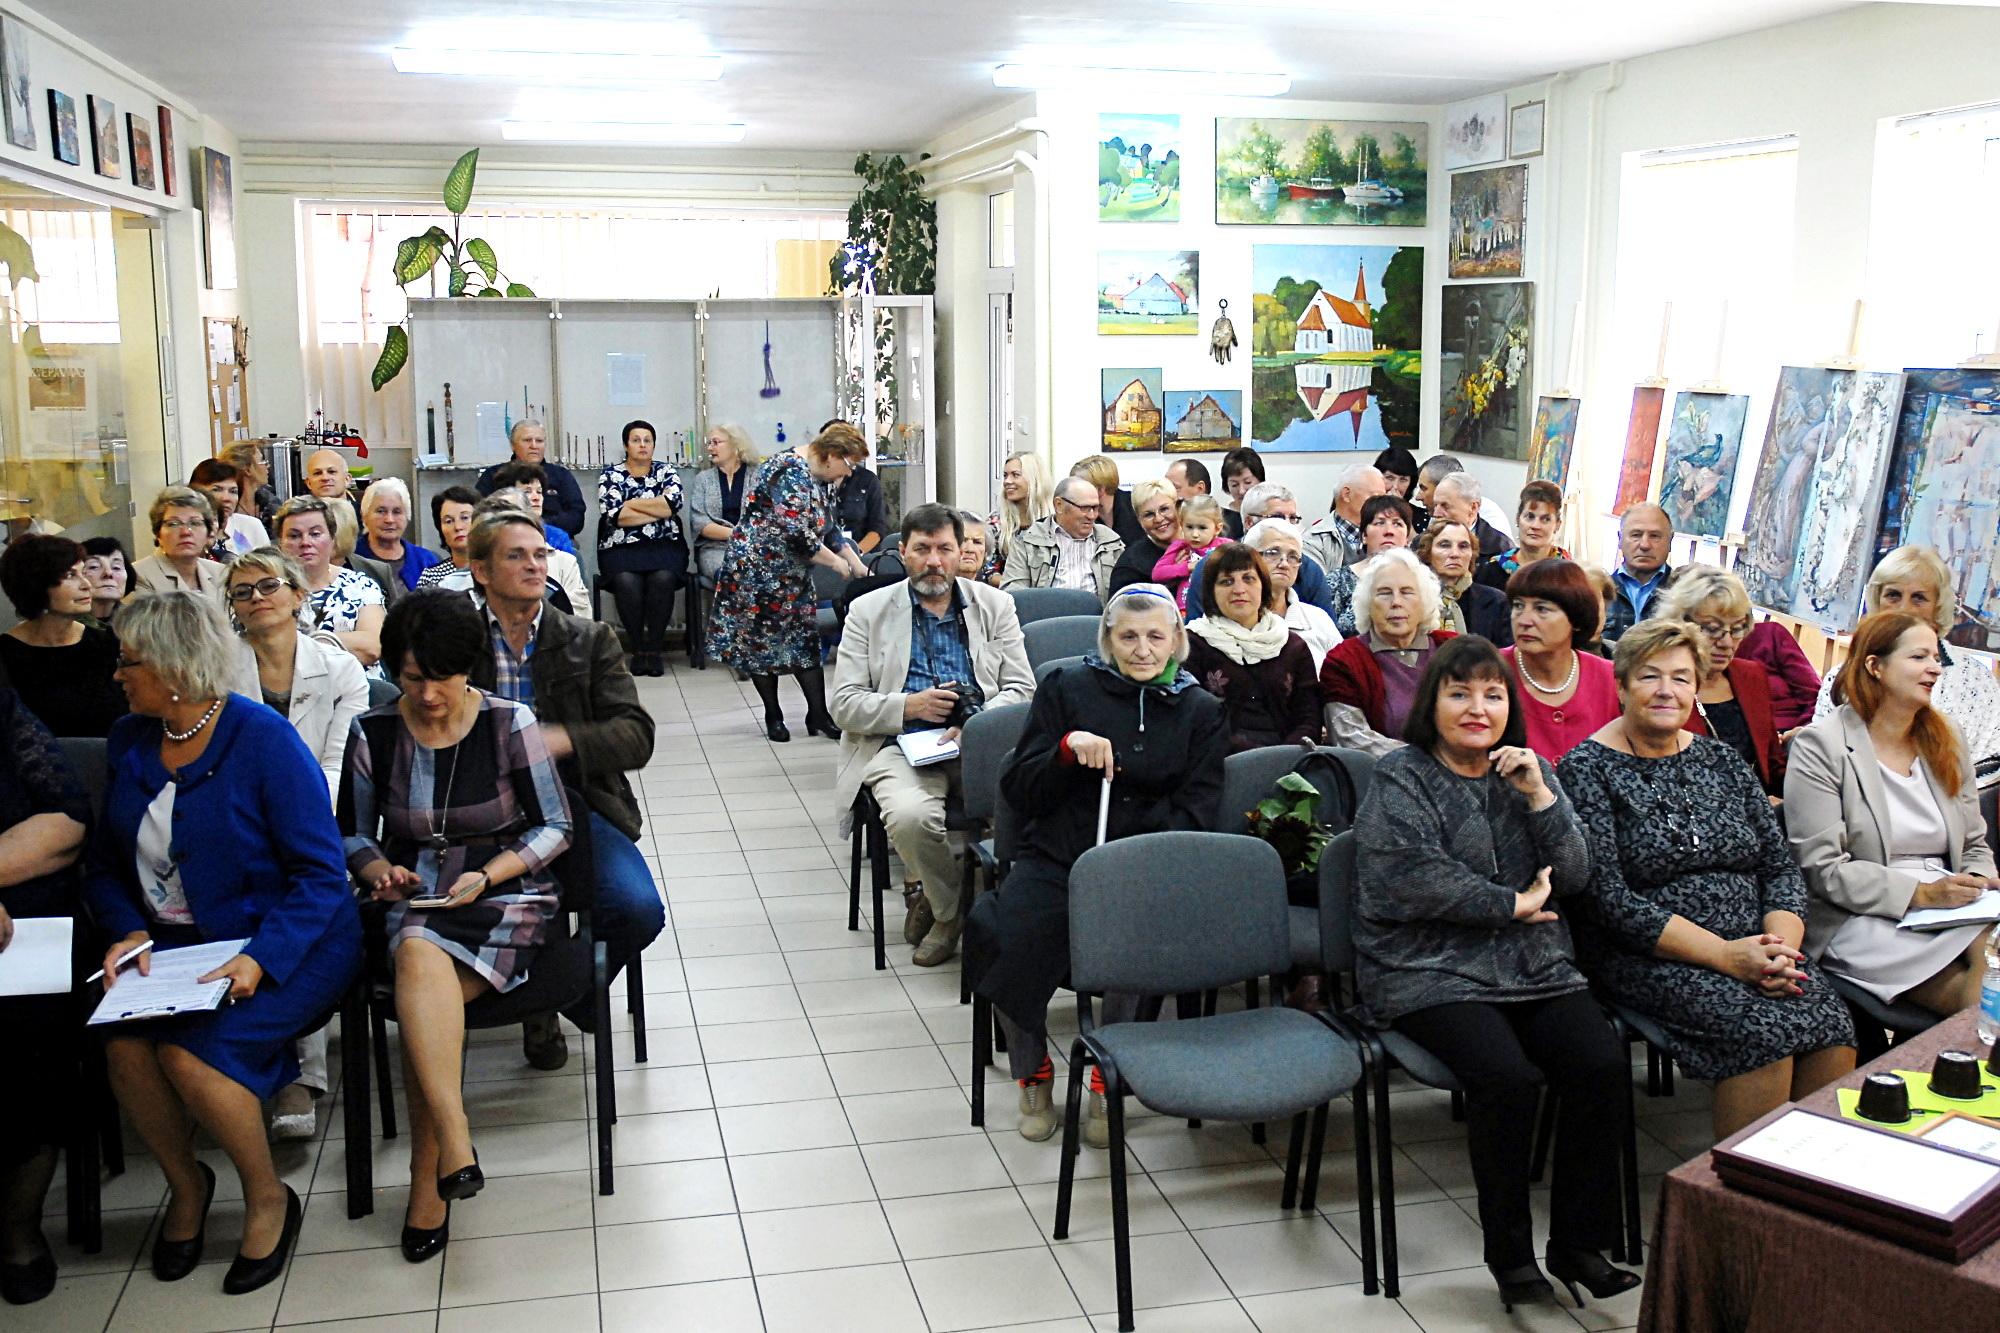 Minint KU Rusnės kasos dešimtąjį jubiliejų į Salos etnokultūros ir informacijos centrą susirinko Rusnės bendruomenės atstovai, unijos pajininkai. Šilutės KU nuotr.